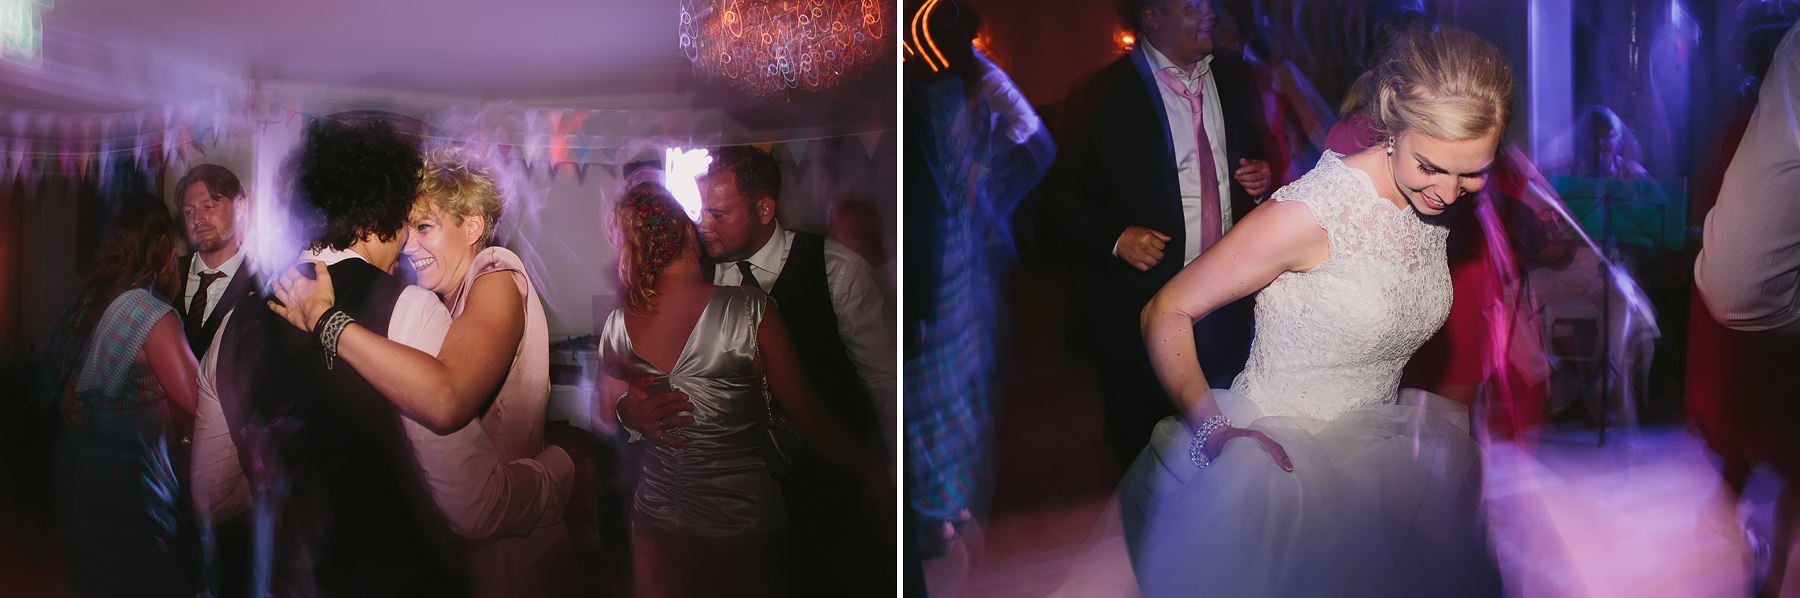 Vild dans på dansgolvet